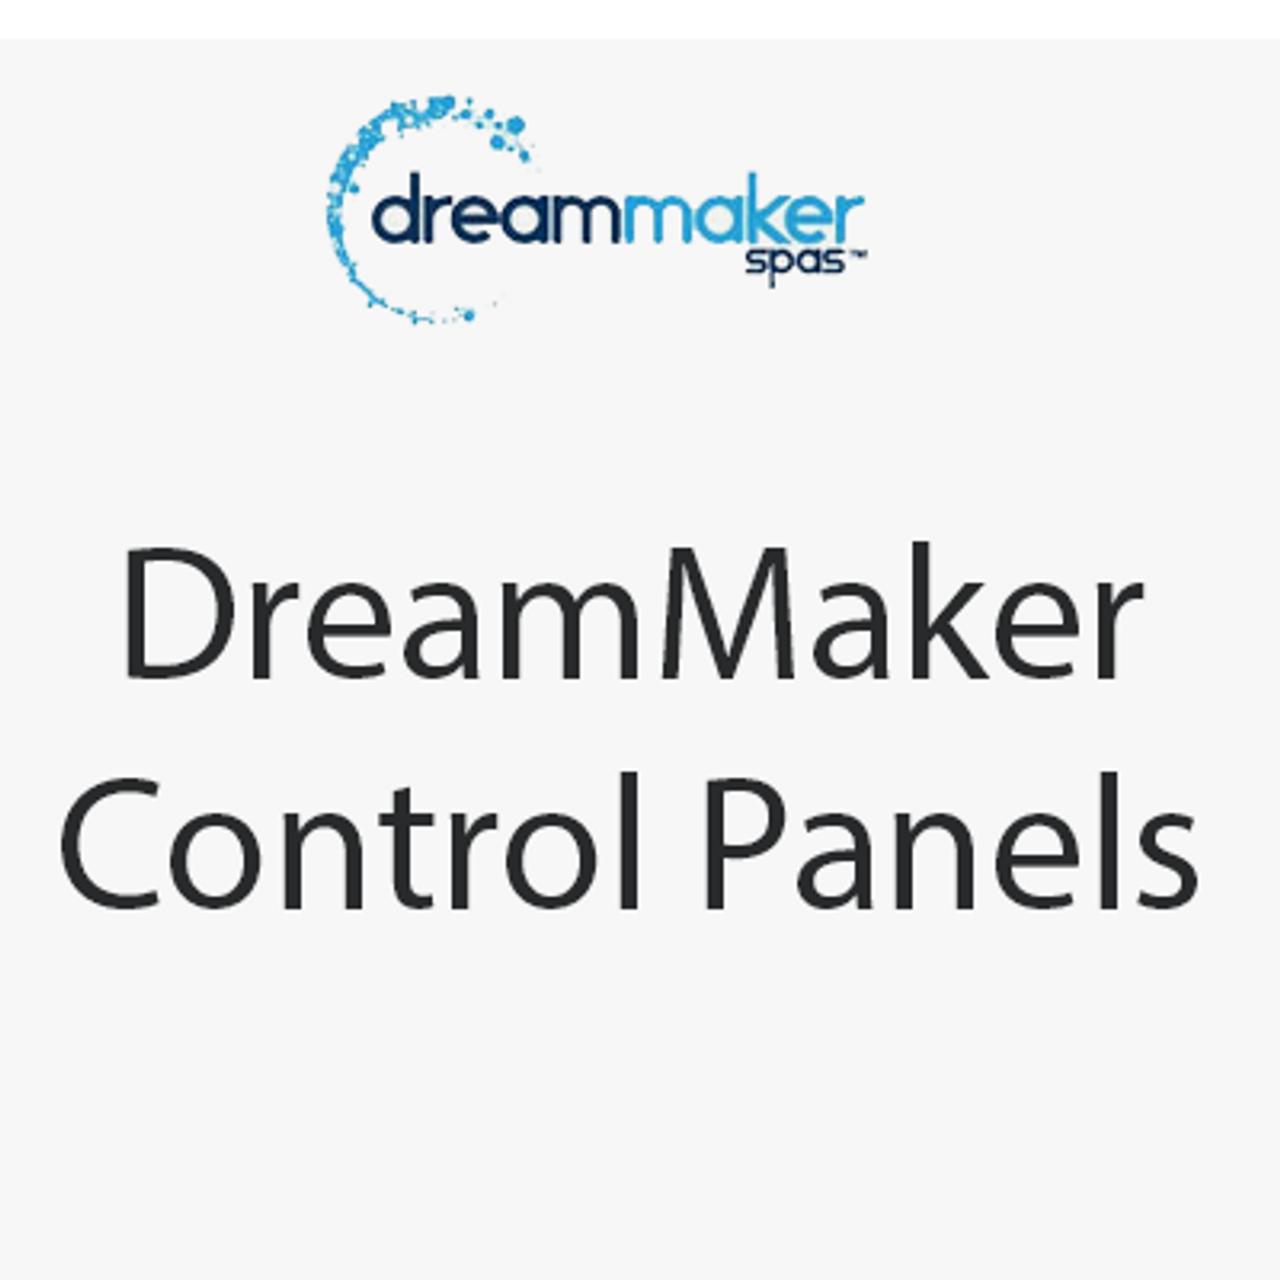 DreamMaker Control Panels